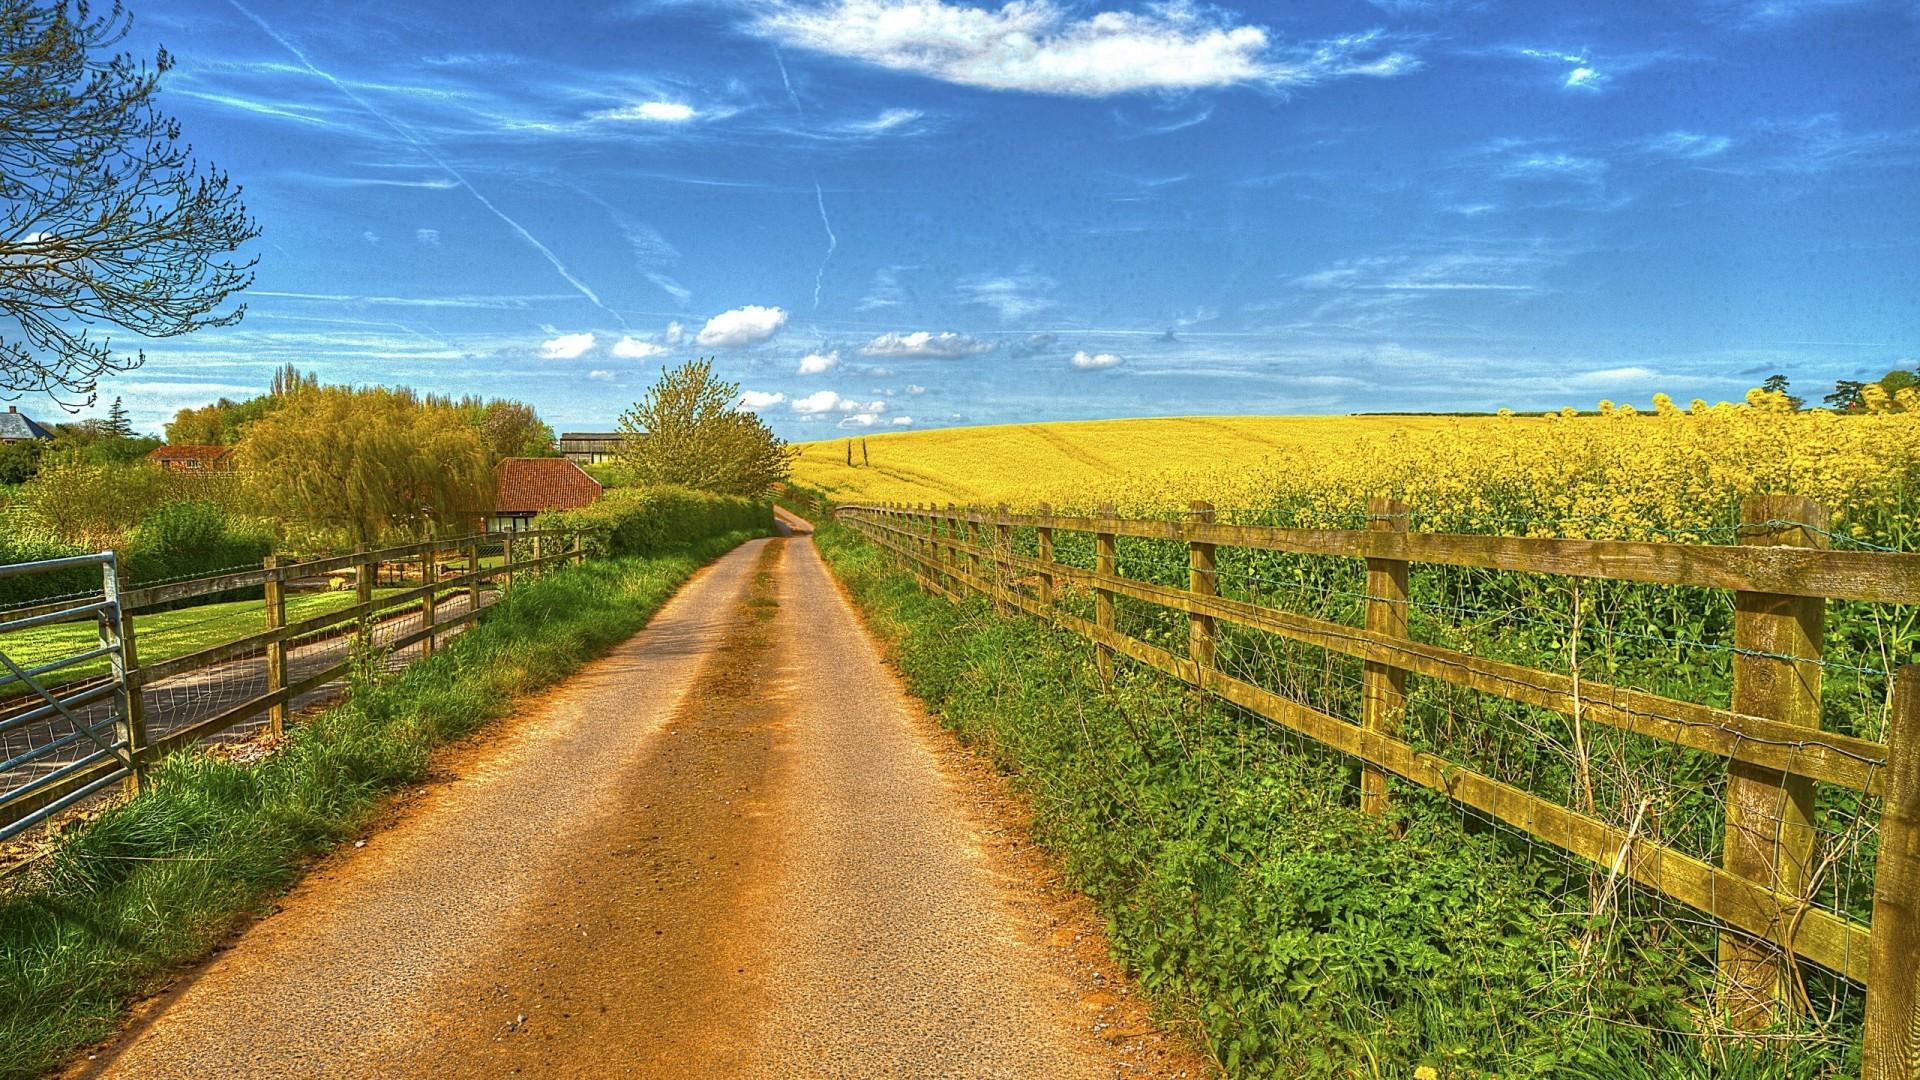 Village Road Farm Fencing Wallpaper